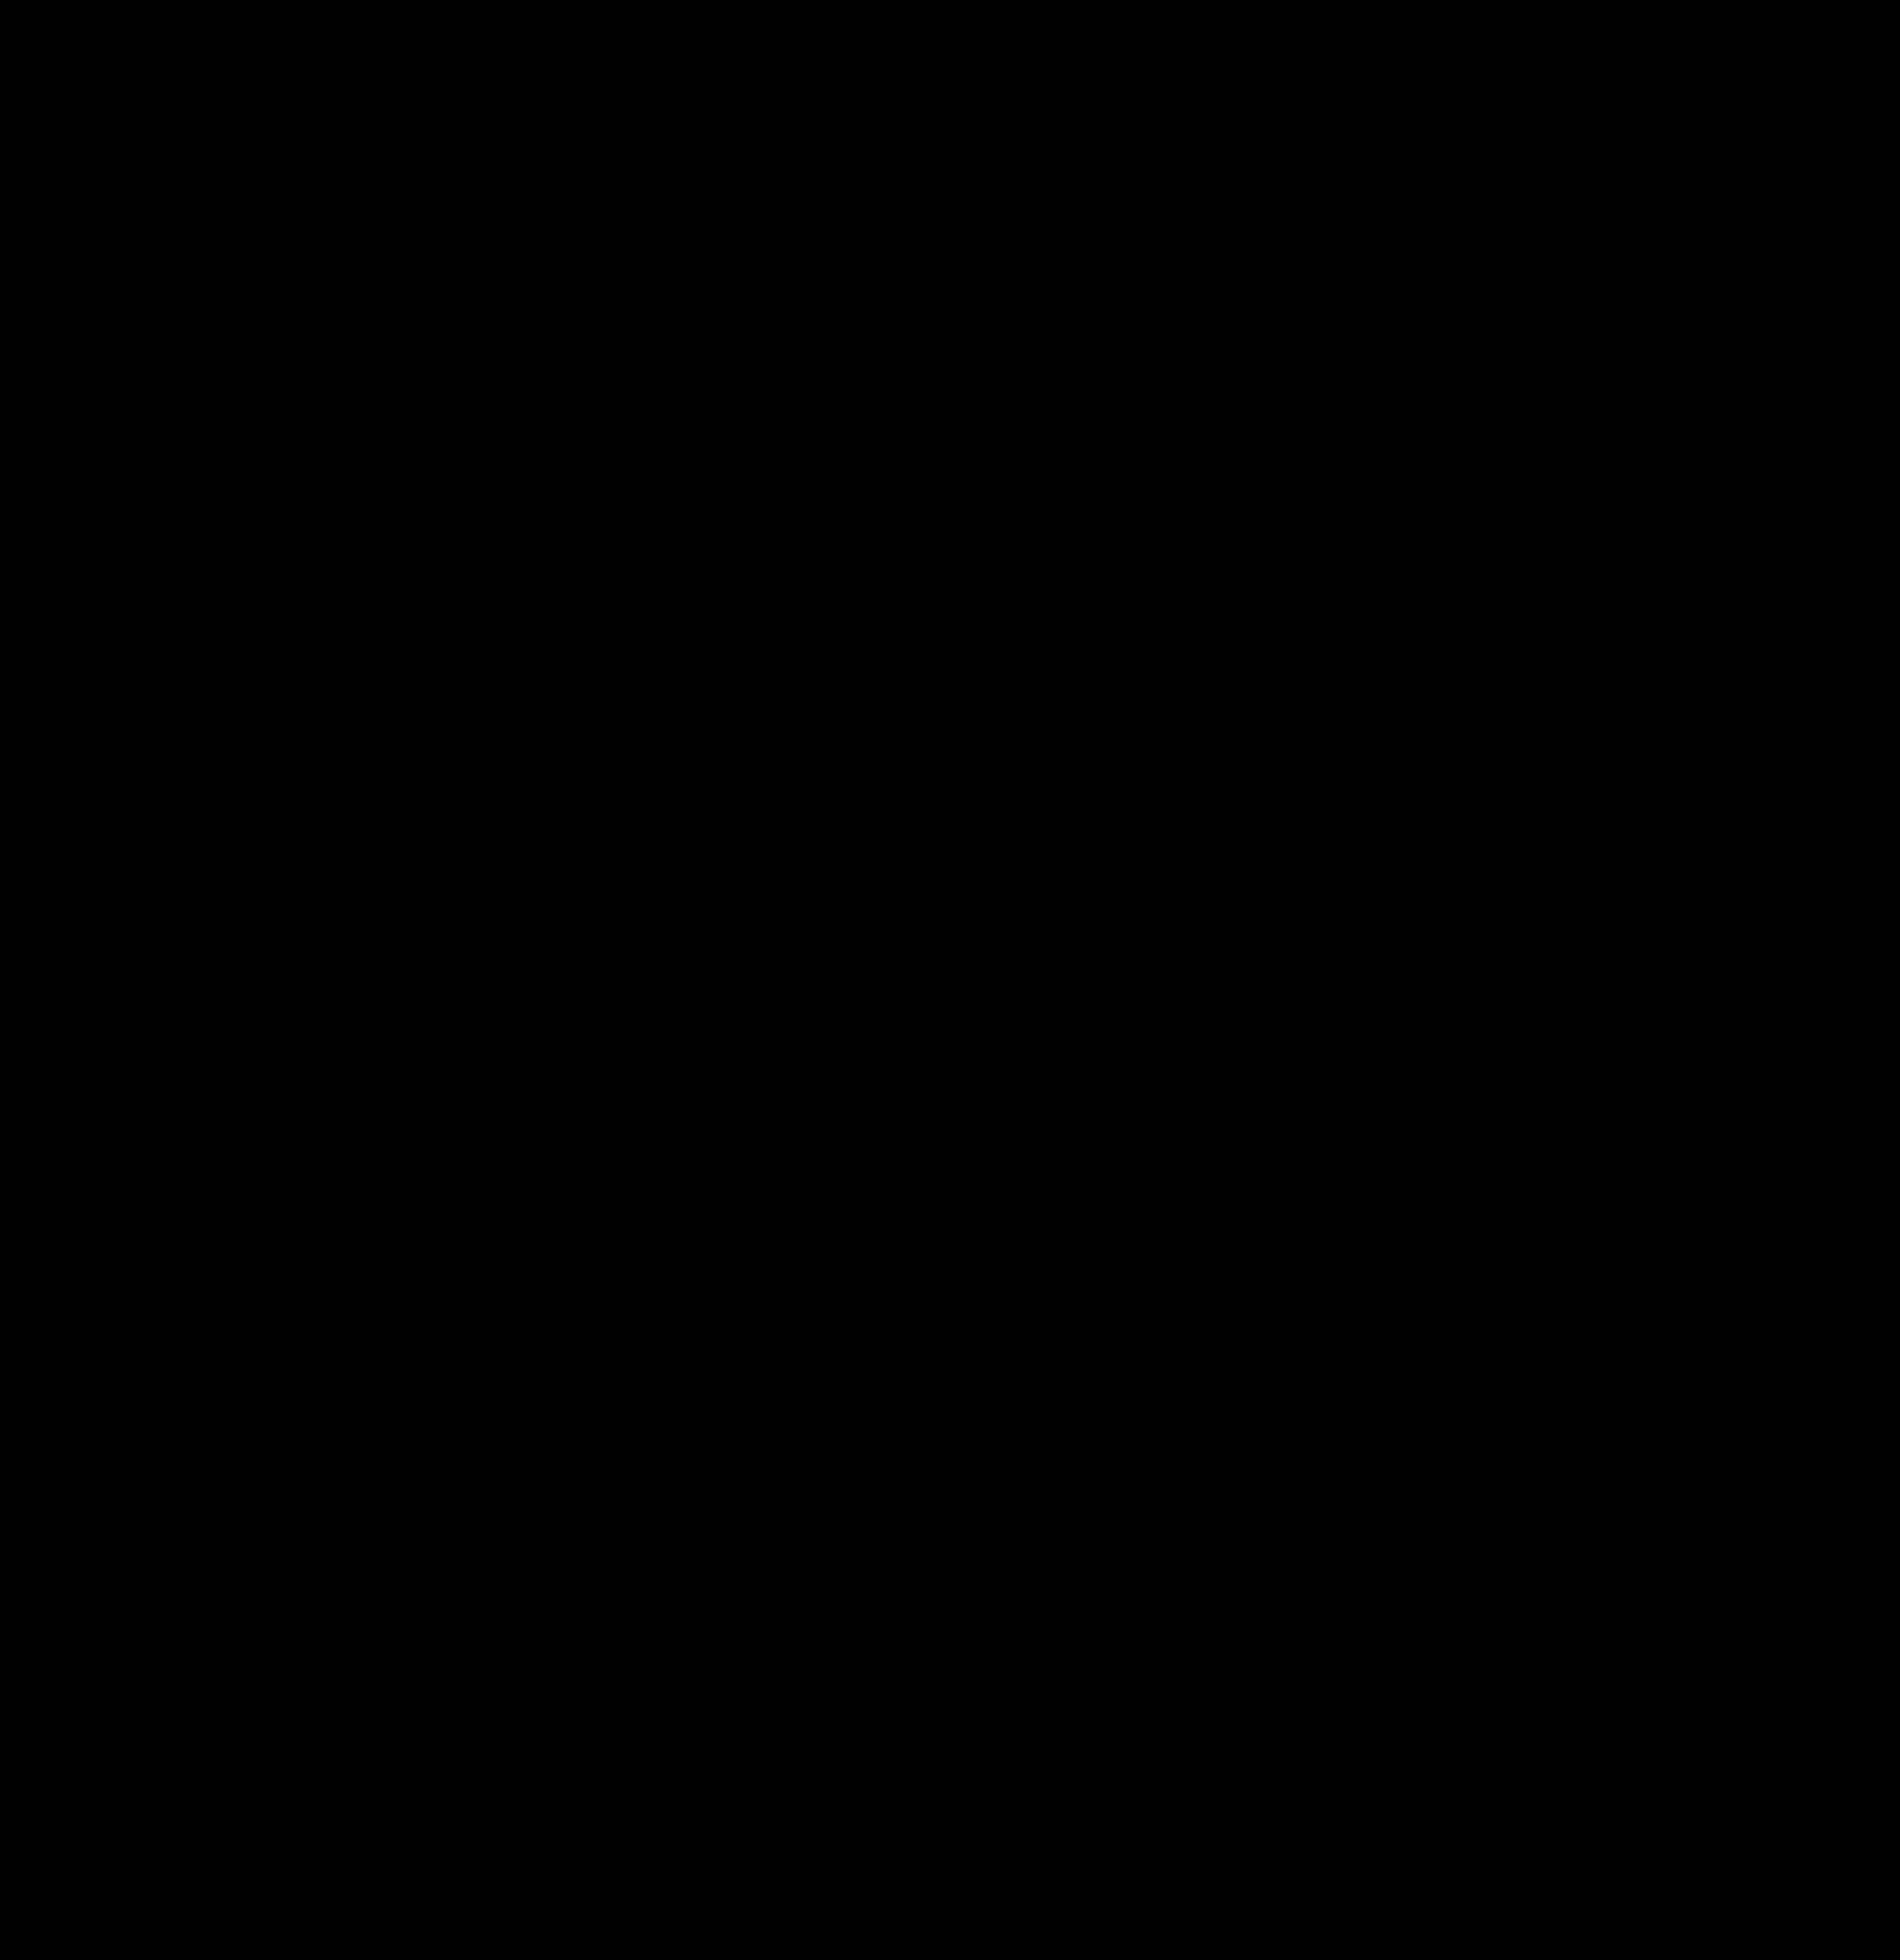 Wie Viele Länder Gibt Es Auf Der Ganzen Welt